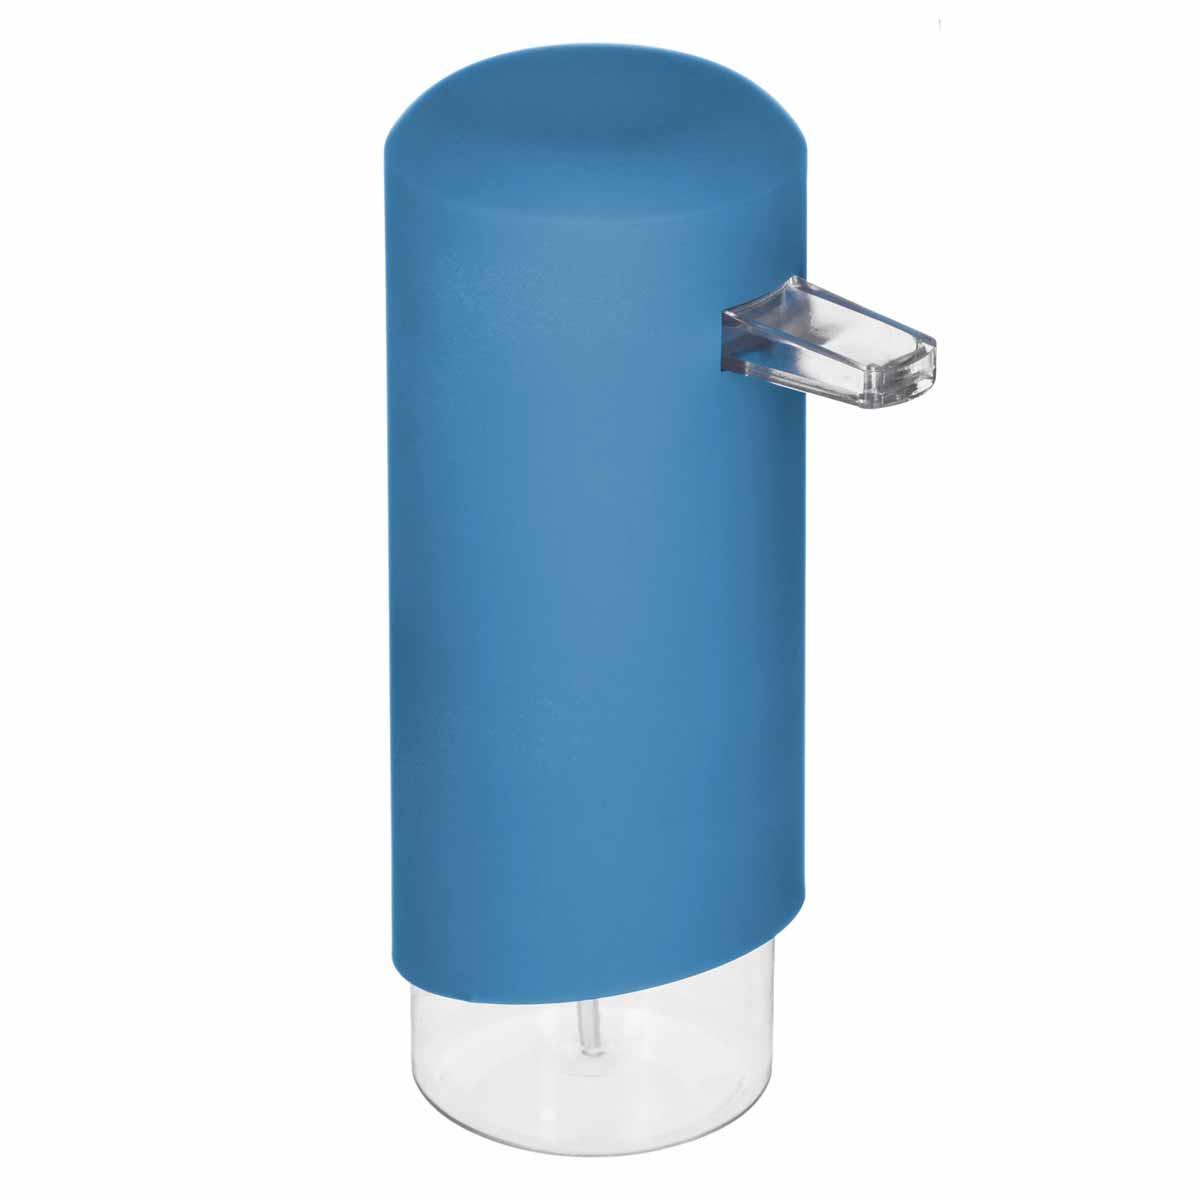 Δοχείο Κρεμοσάπουνου Marva Mousse Blue 140887D